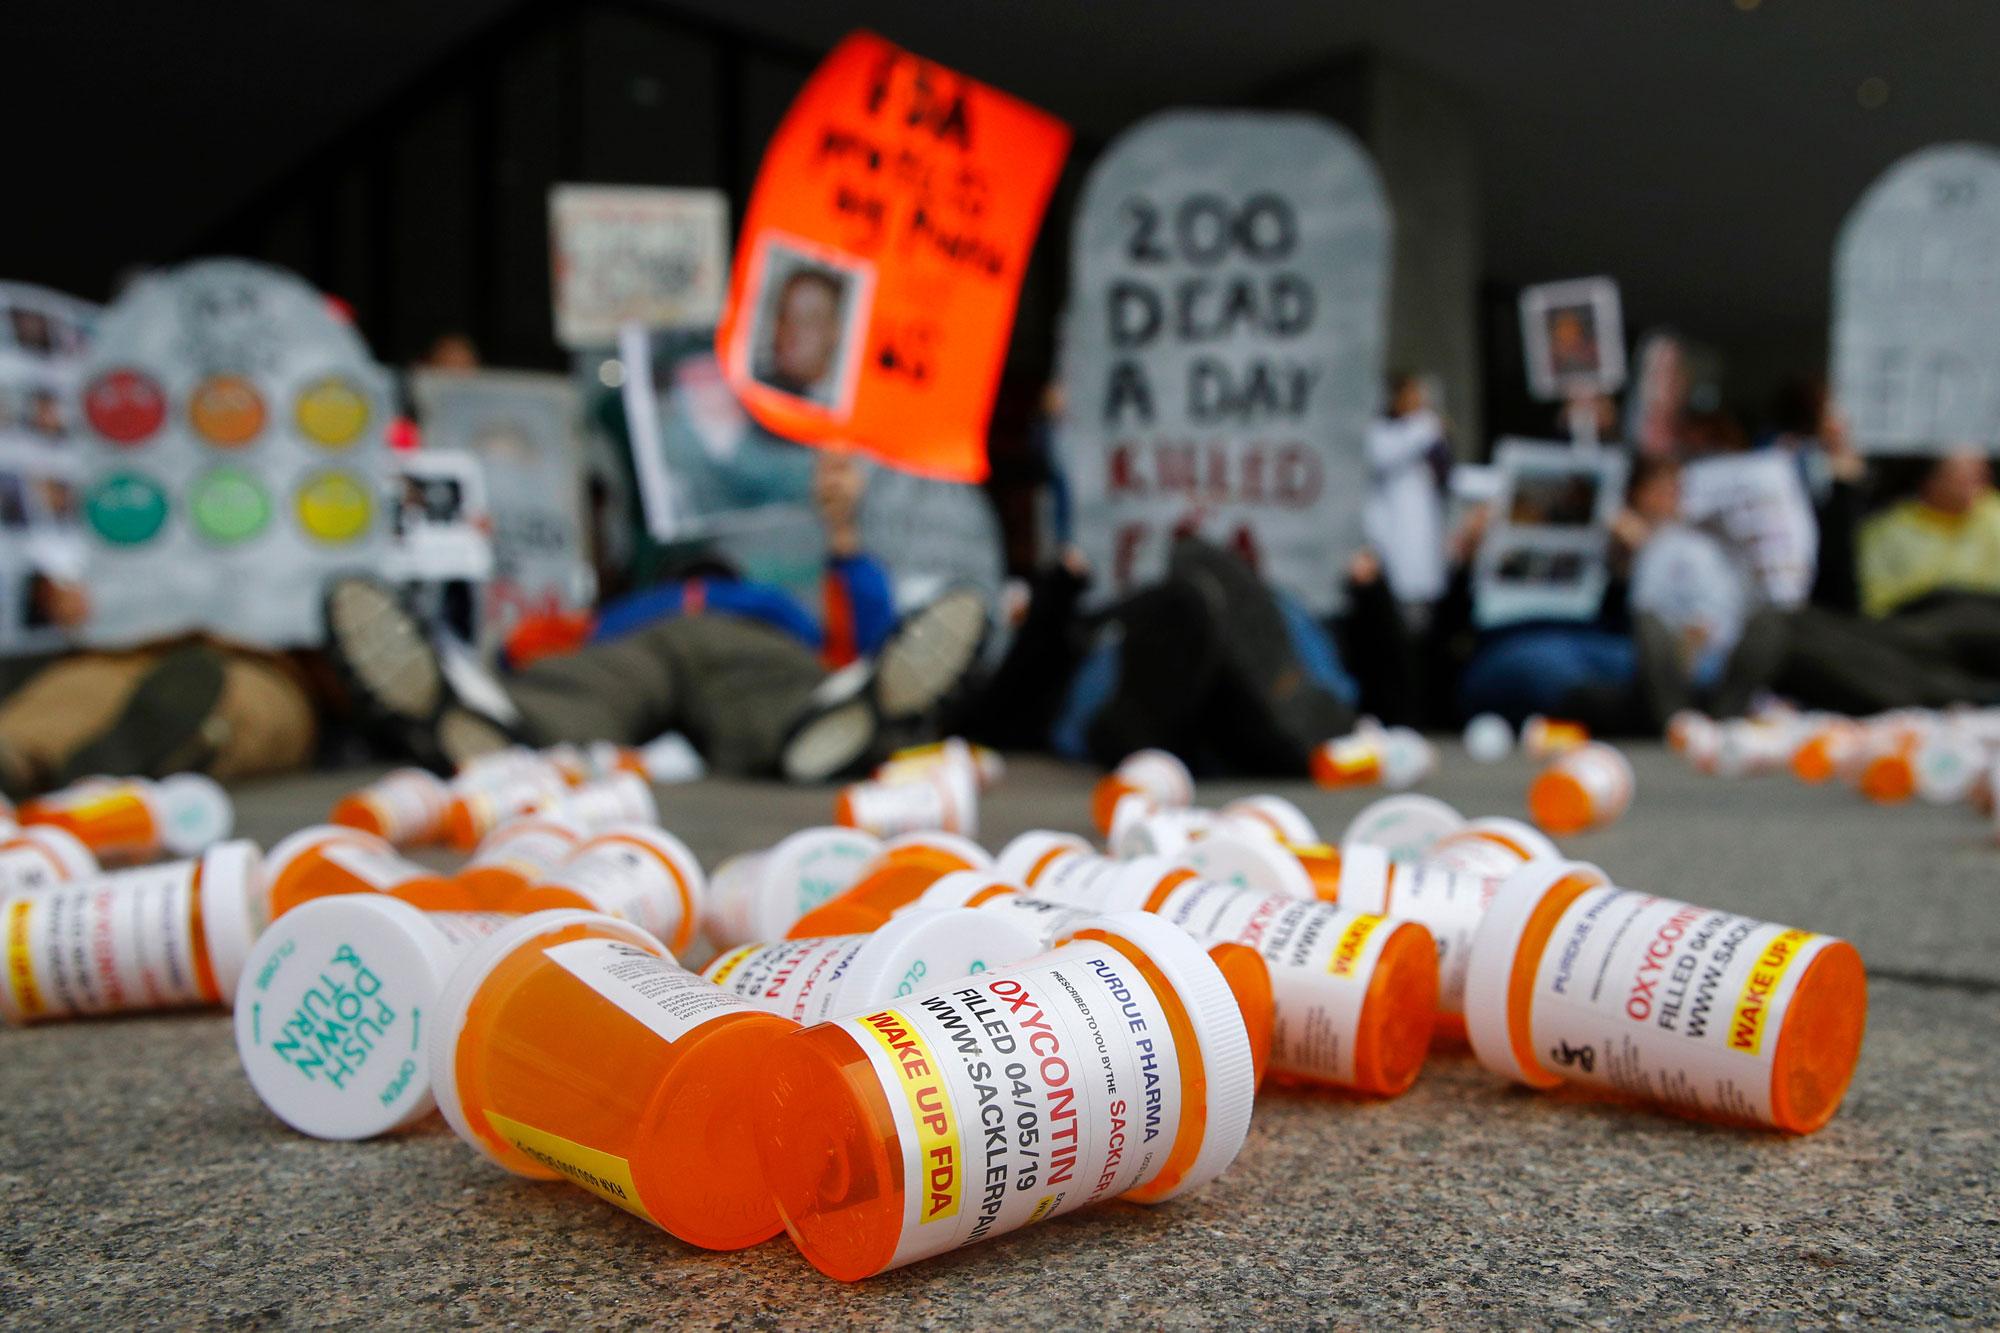 Negotiations Between Lawmakers and Purdue Pharma Heat Up